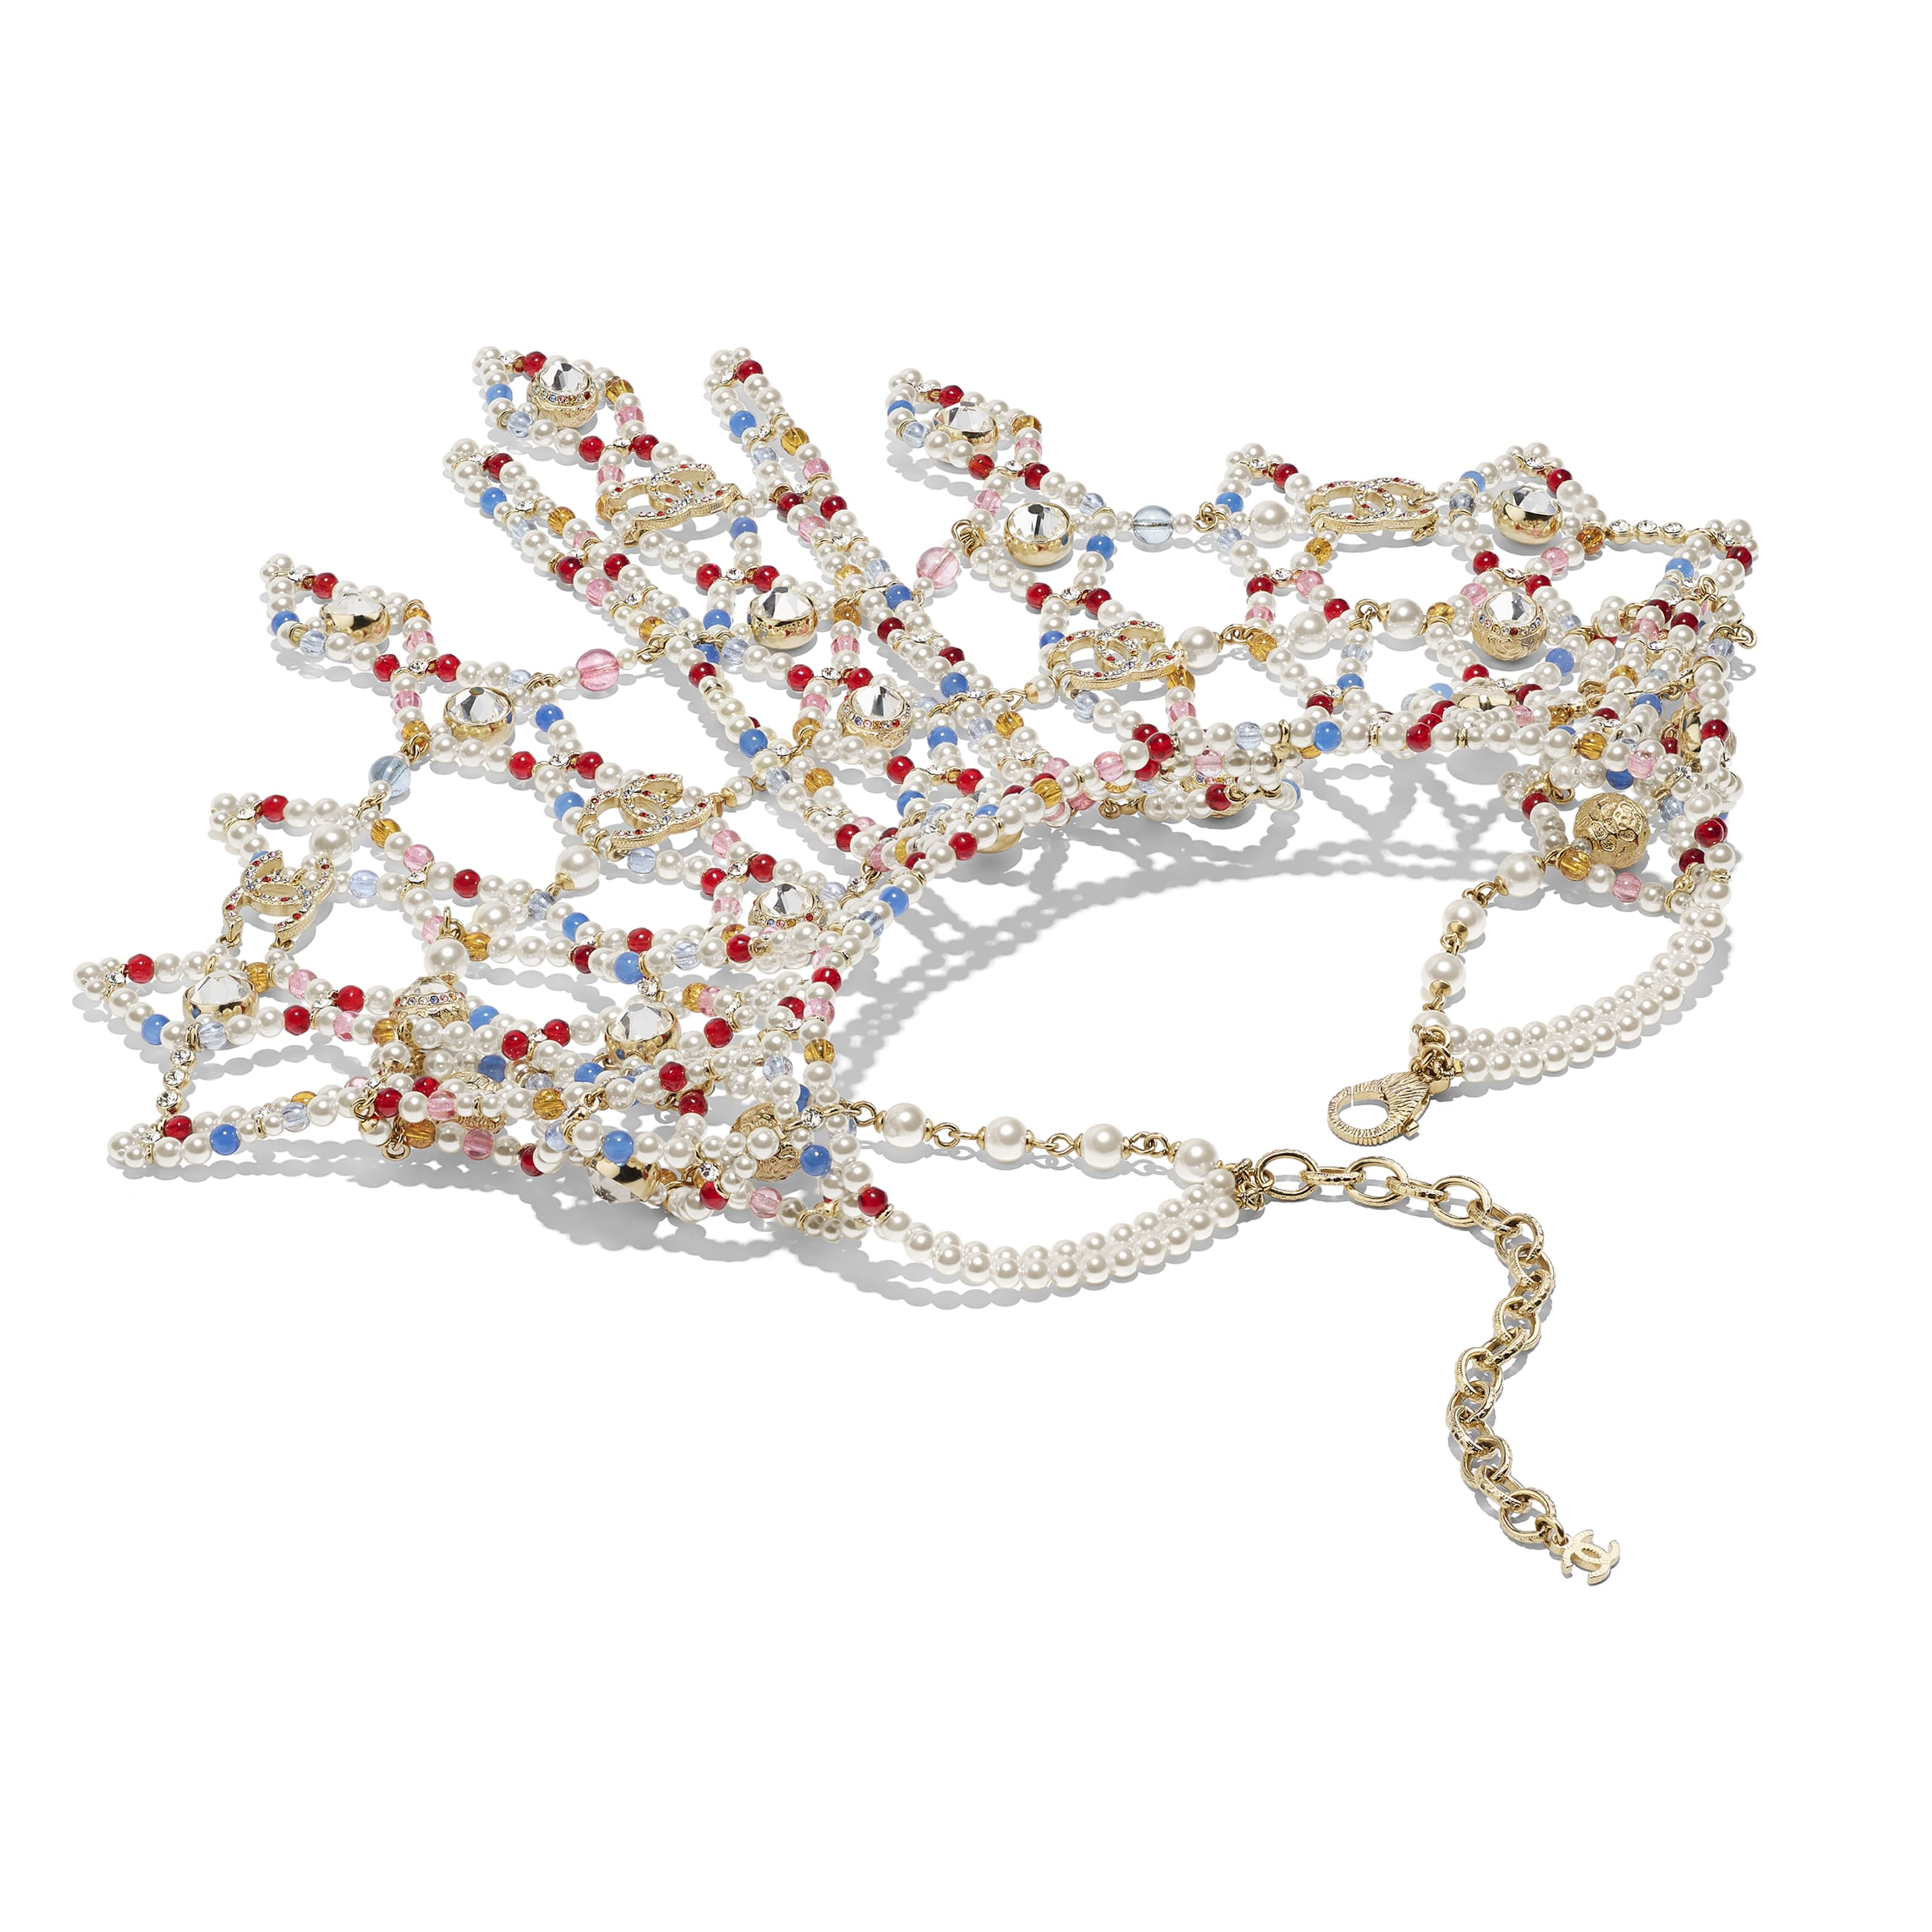 Halskette - Goldfarben, mehrfarbig, Perlmuttweiß & Kristall - Metall, Natursteine, Glasperlen & Strass - Alternative Ansicht - Standardgröße anzeigen